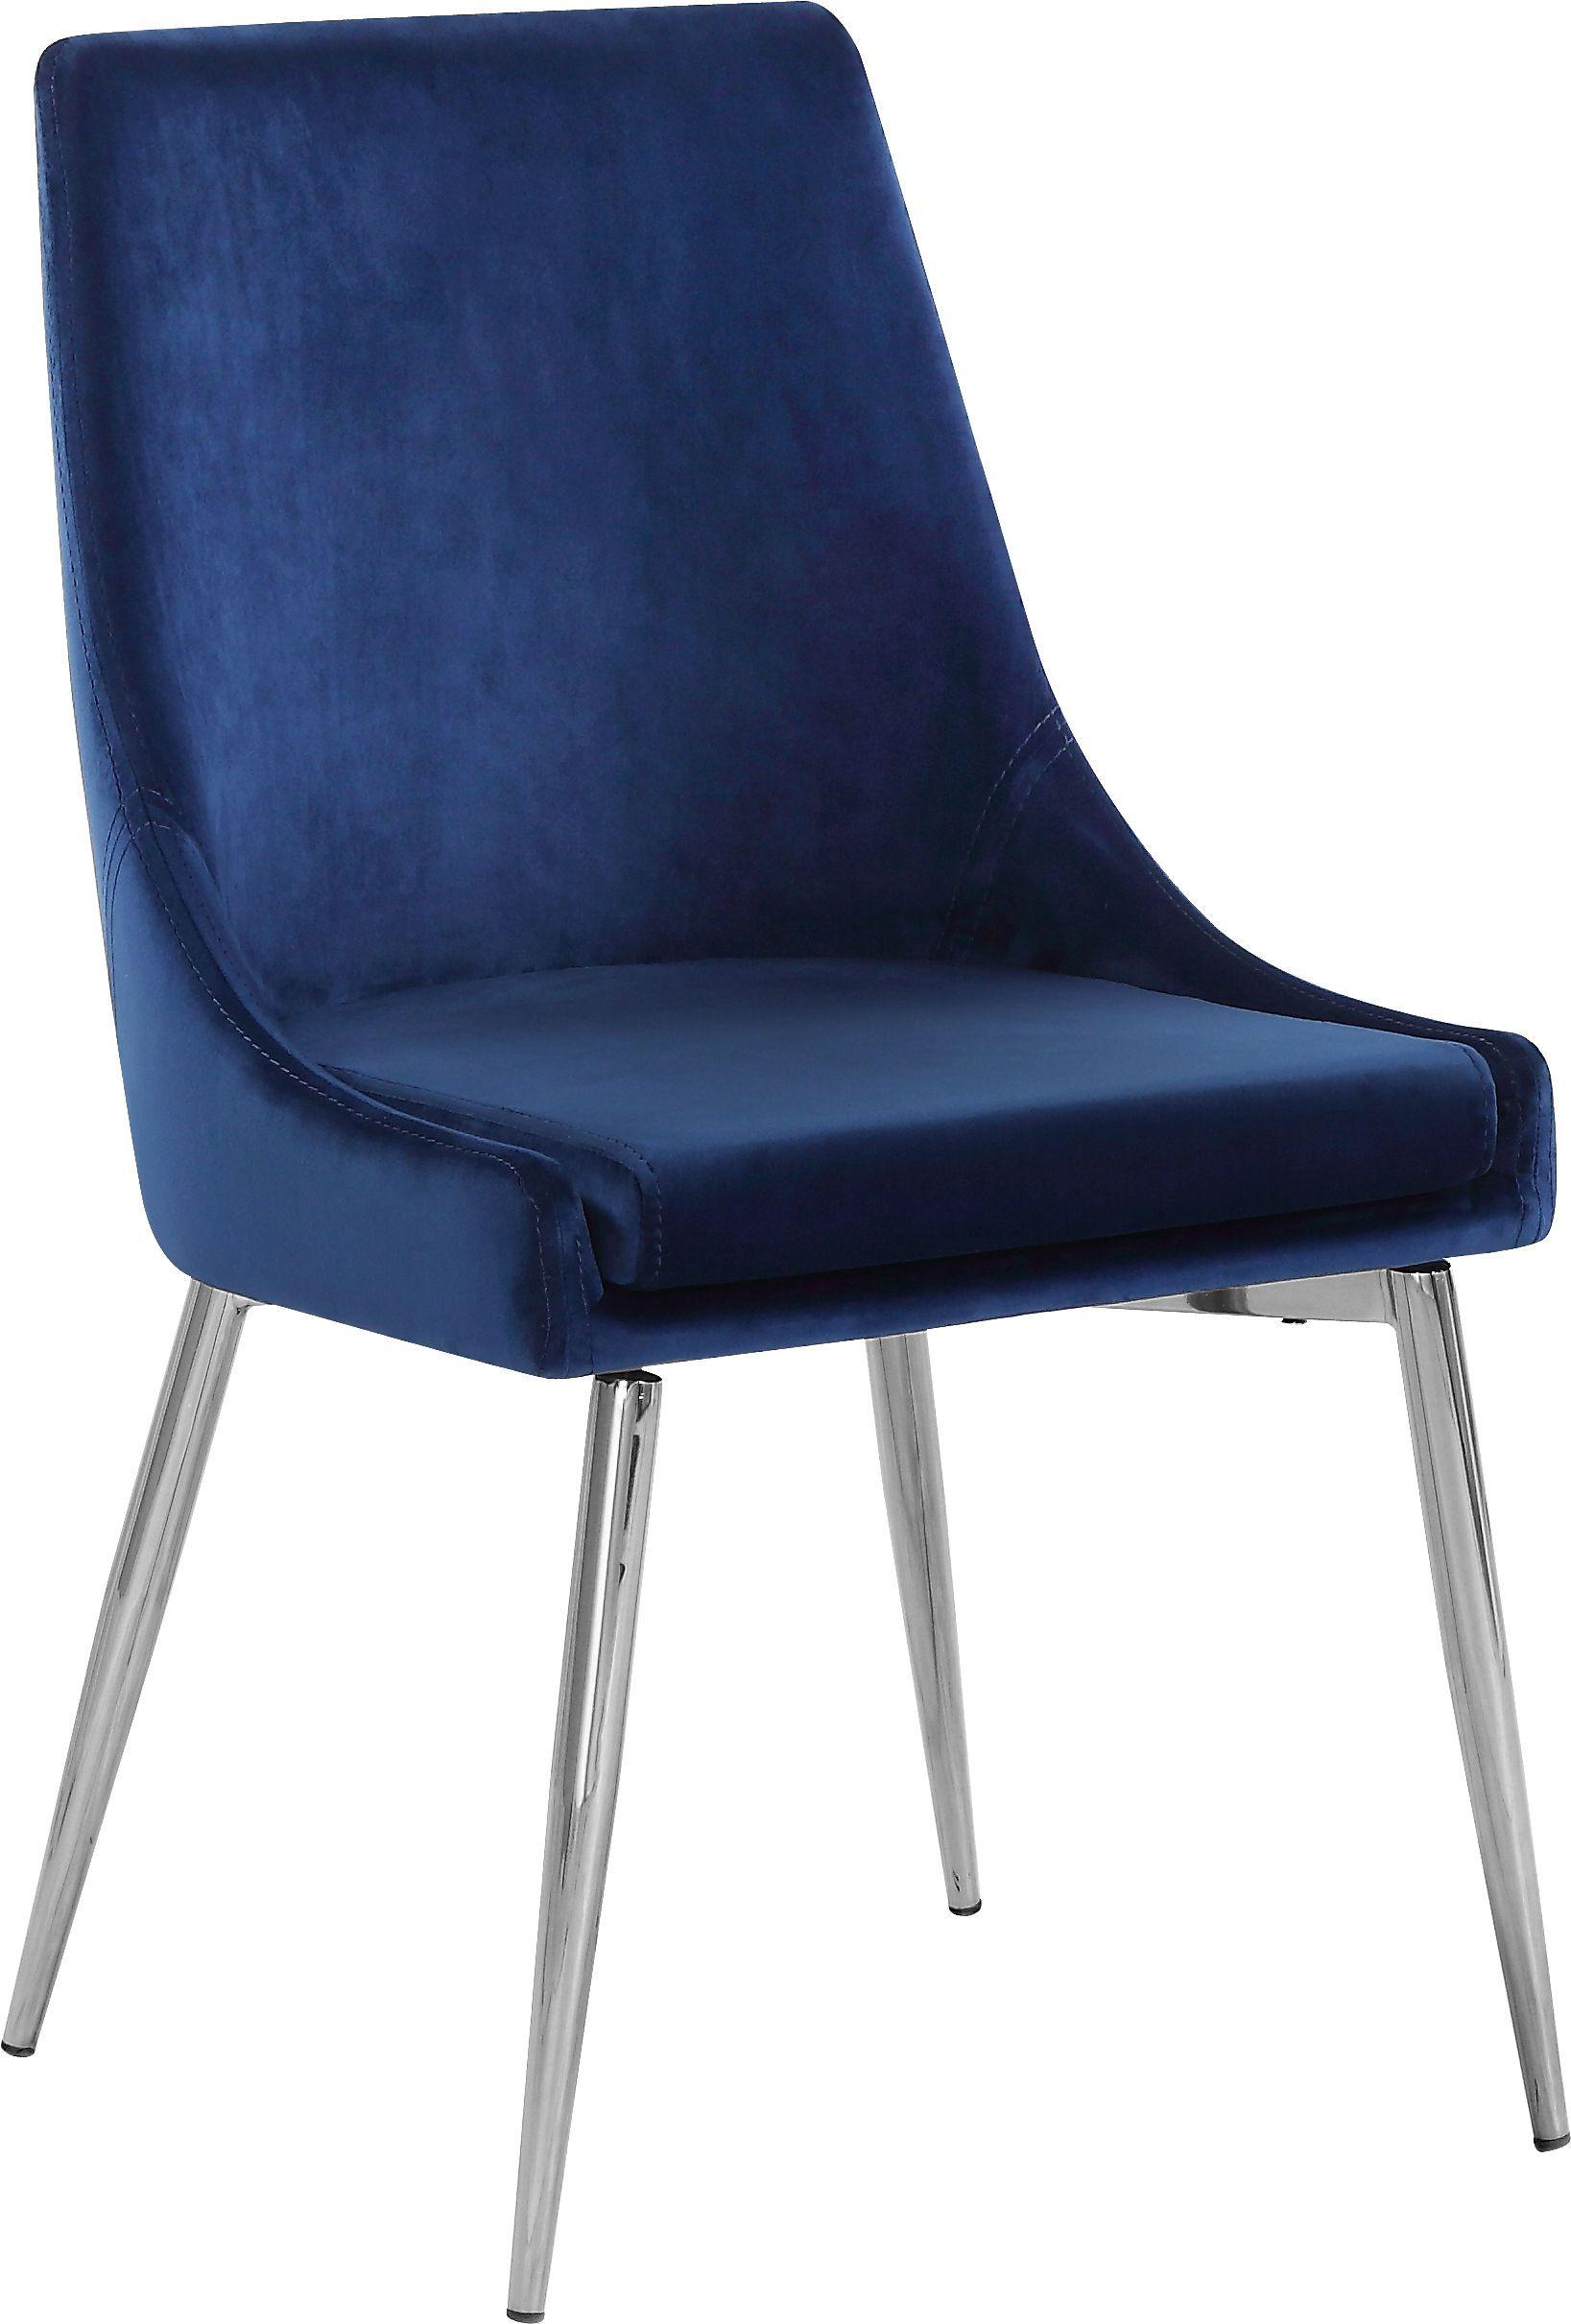 Meridian Karina II Navy Velvet Dining Chair / Chrome Base